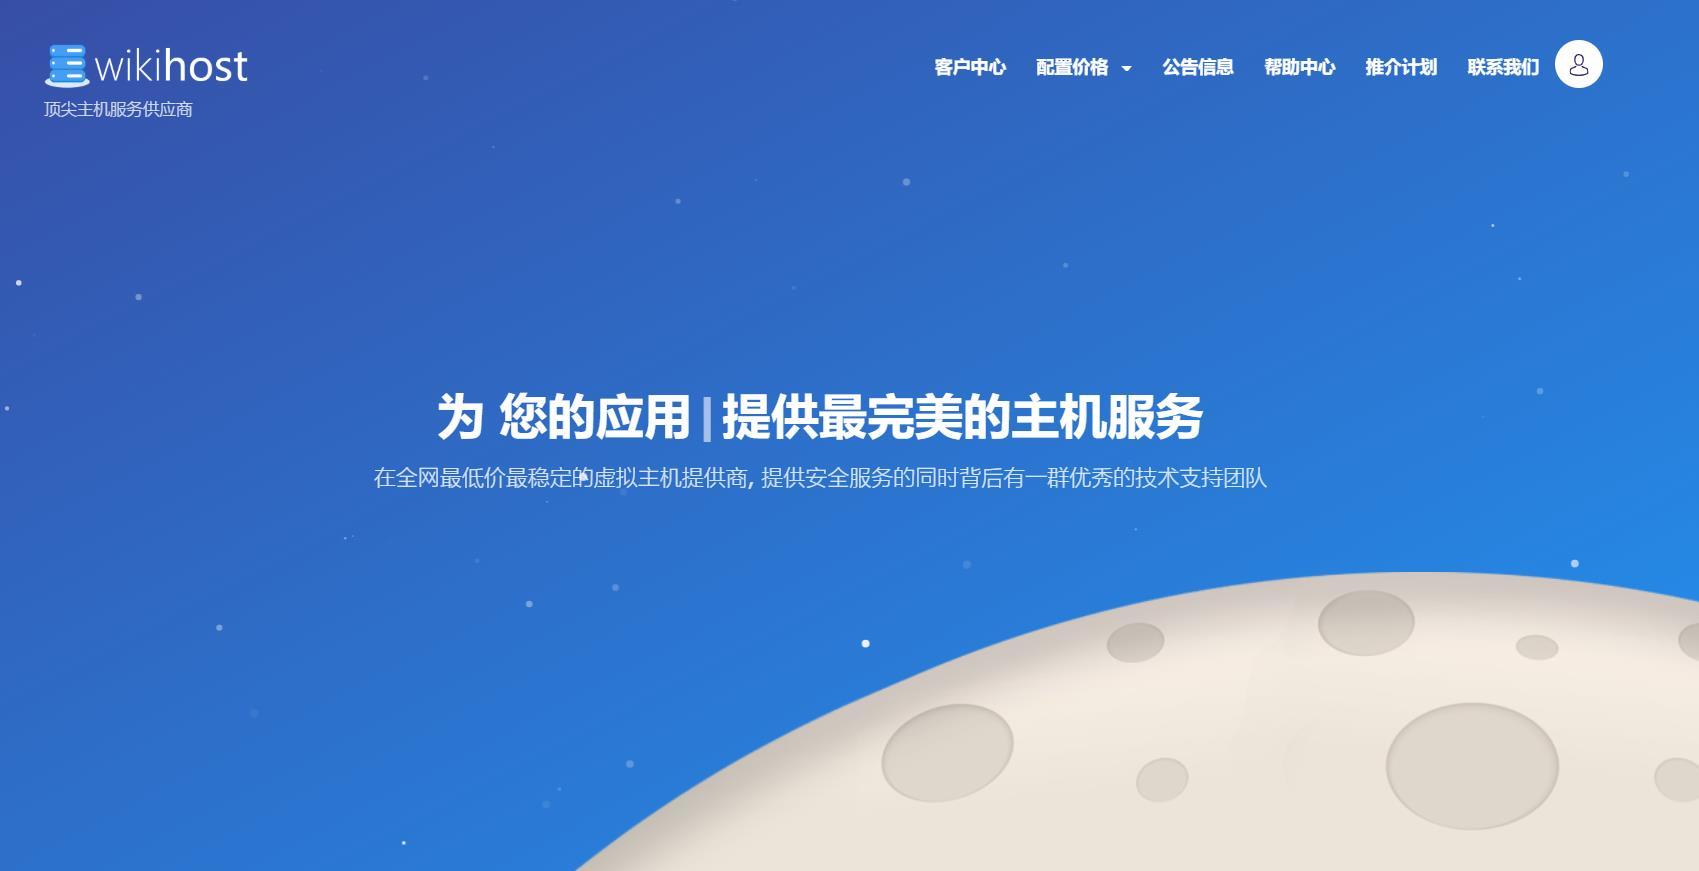 「上新」WikiHost - 微基主机 1核 2G内存 20G SSD 无限流量 5M带宽 日本CN2线路 赠送 Appnode 授权 月付129元 资讯 第1张